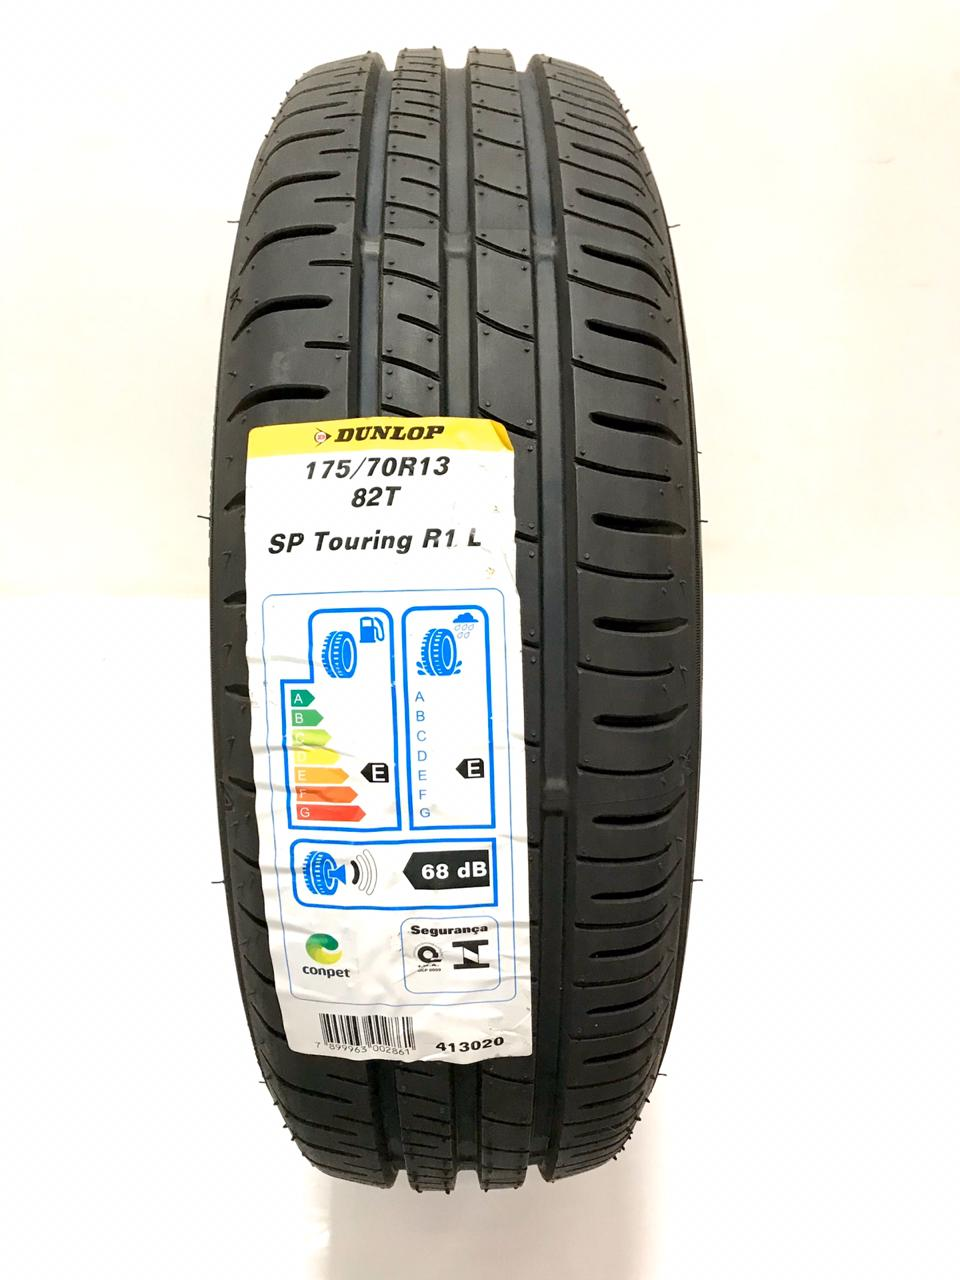 Pneu Aro 13 Dunlop 175/70 R13 Touring 82T